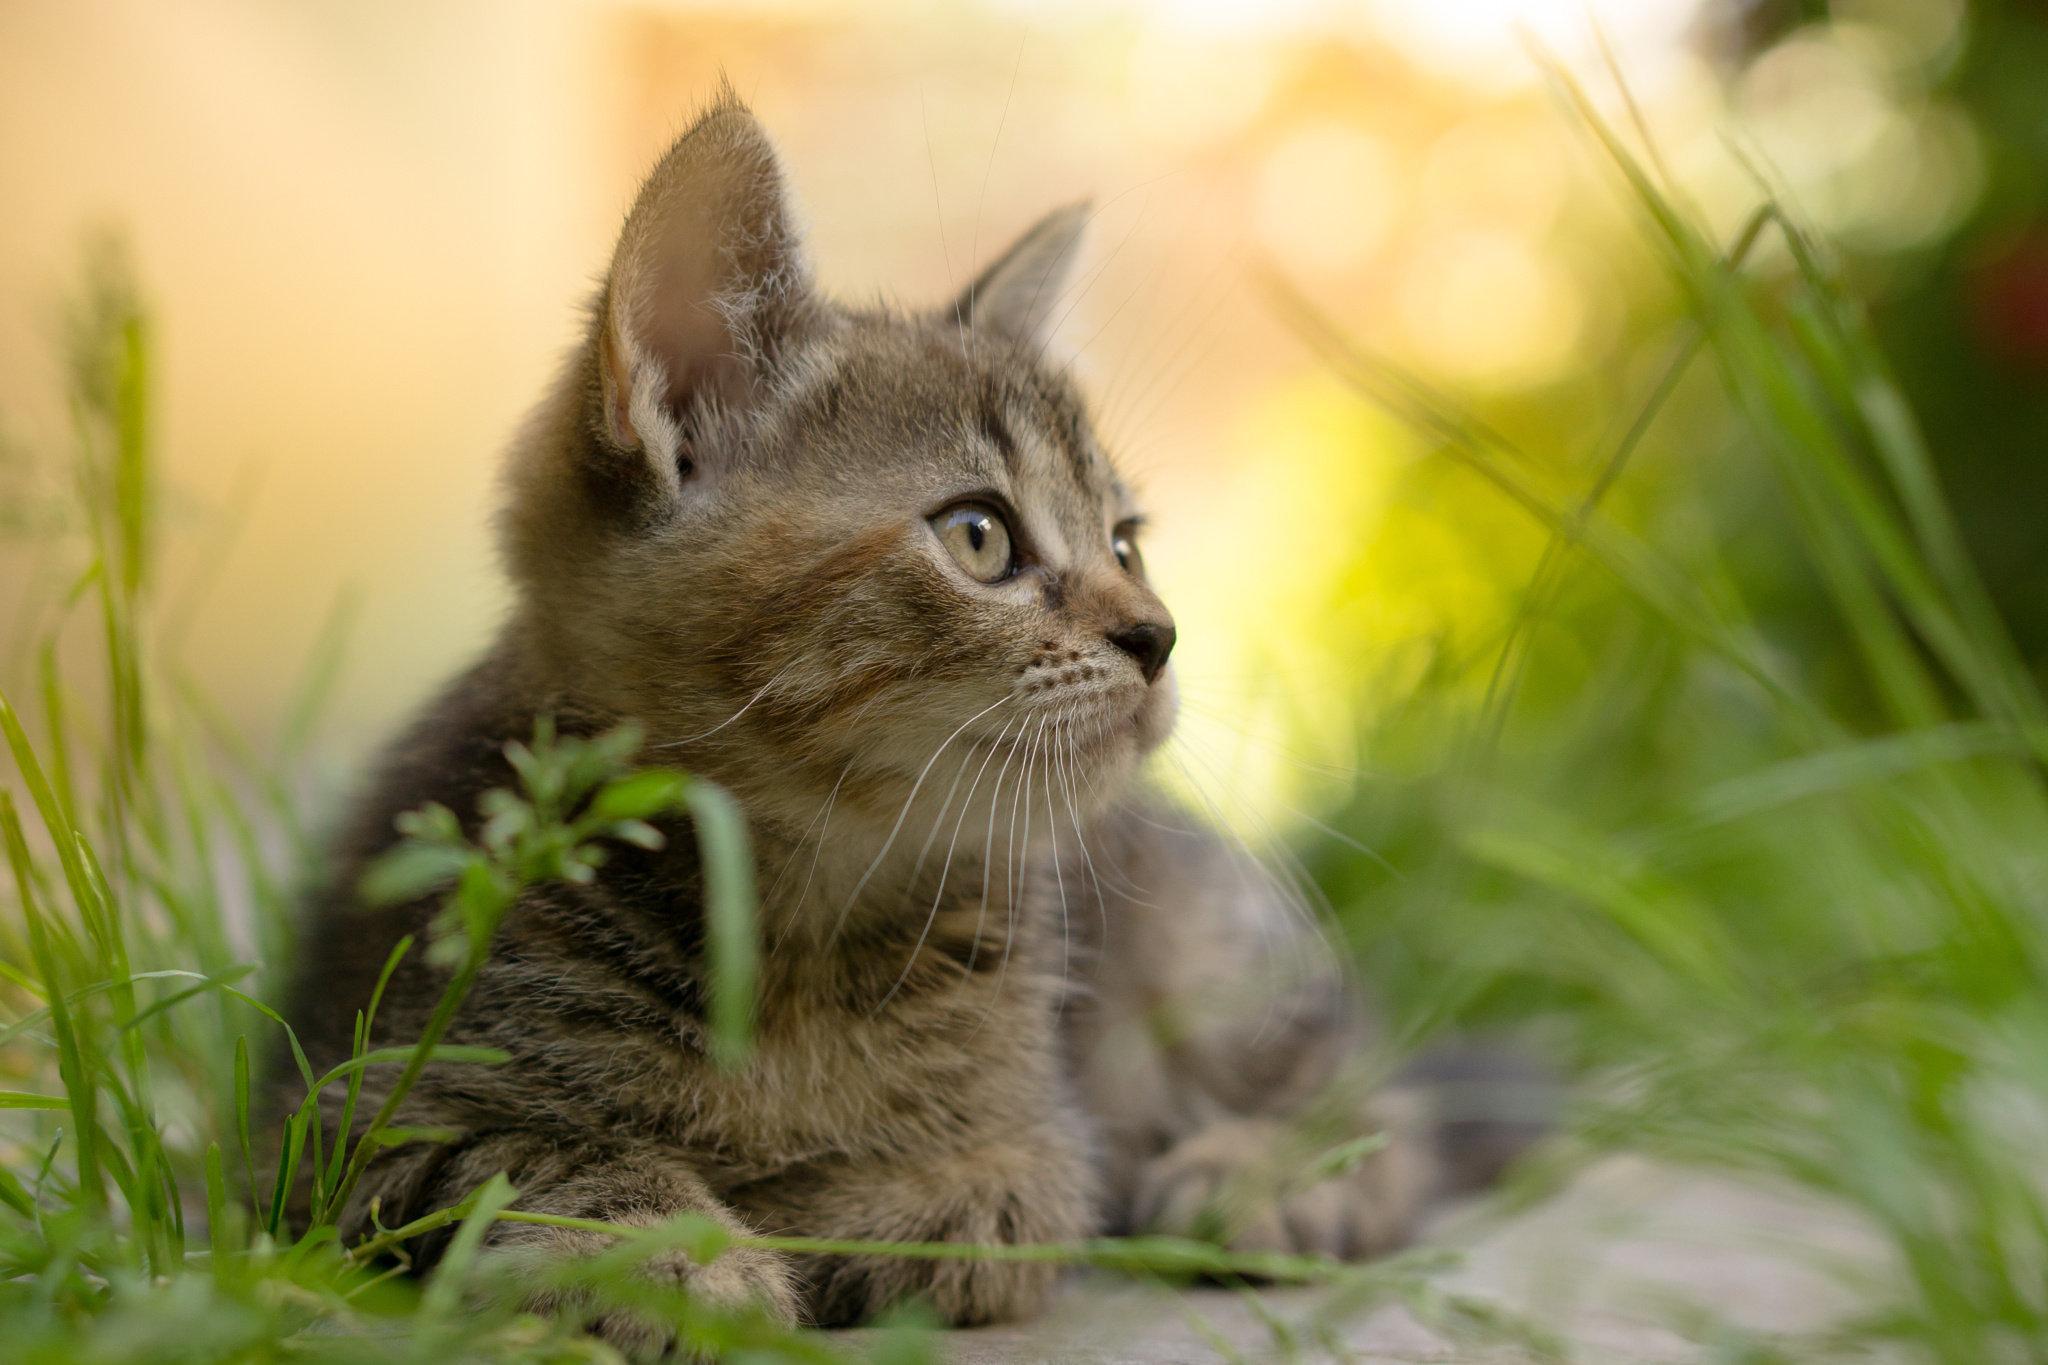 Дымчатый кот в траве  № 252553  скачать